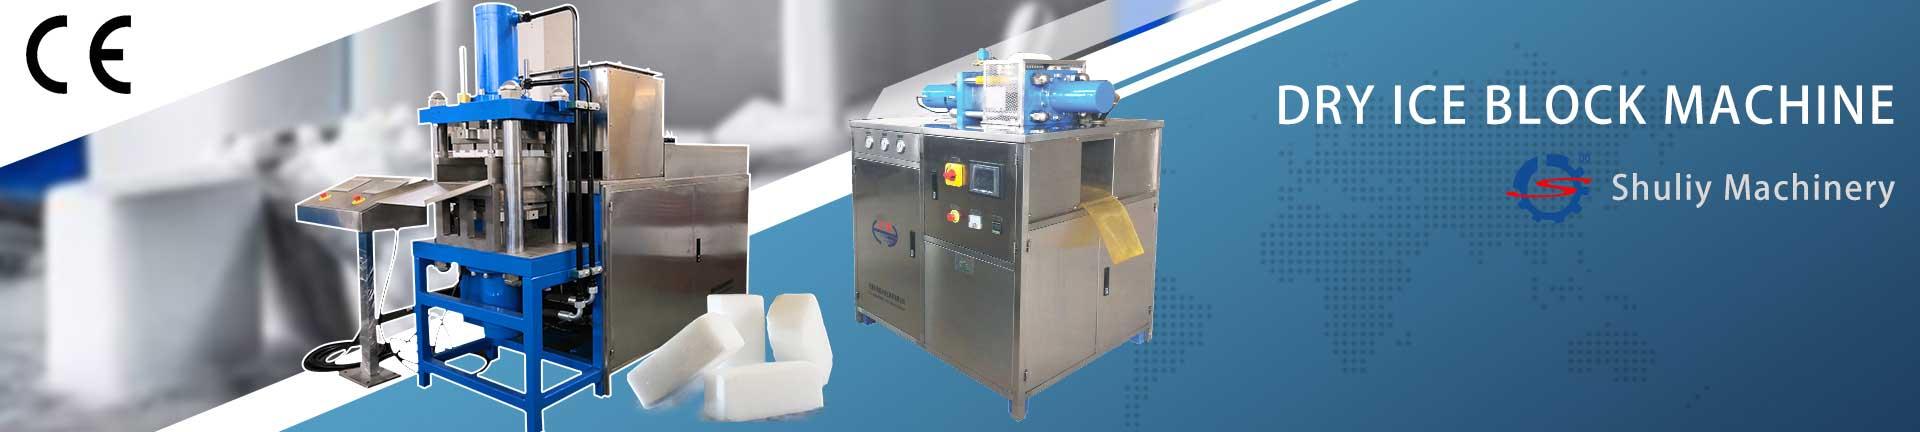 dry-ice-block-machine